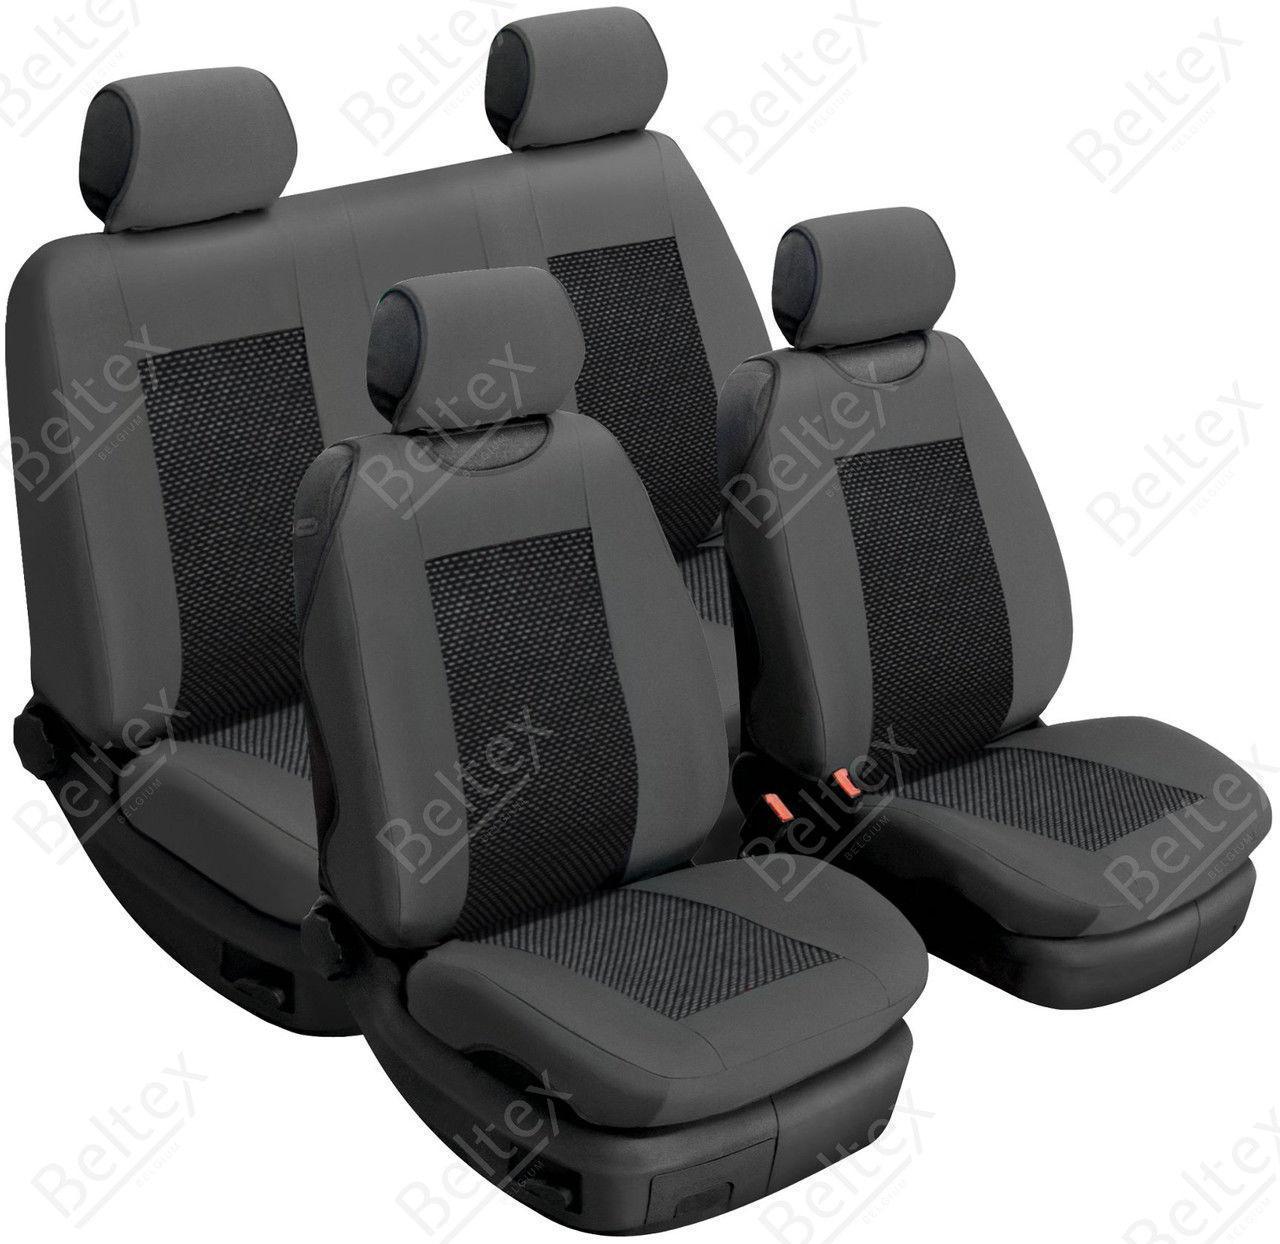 Майки/чехлы на сиденья Опель Мовано (Opel Movano)